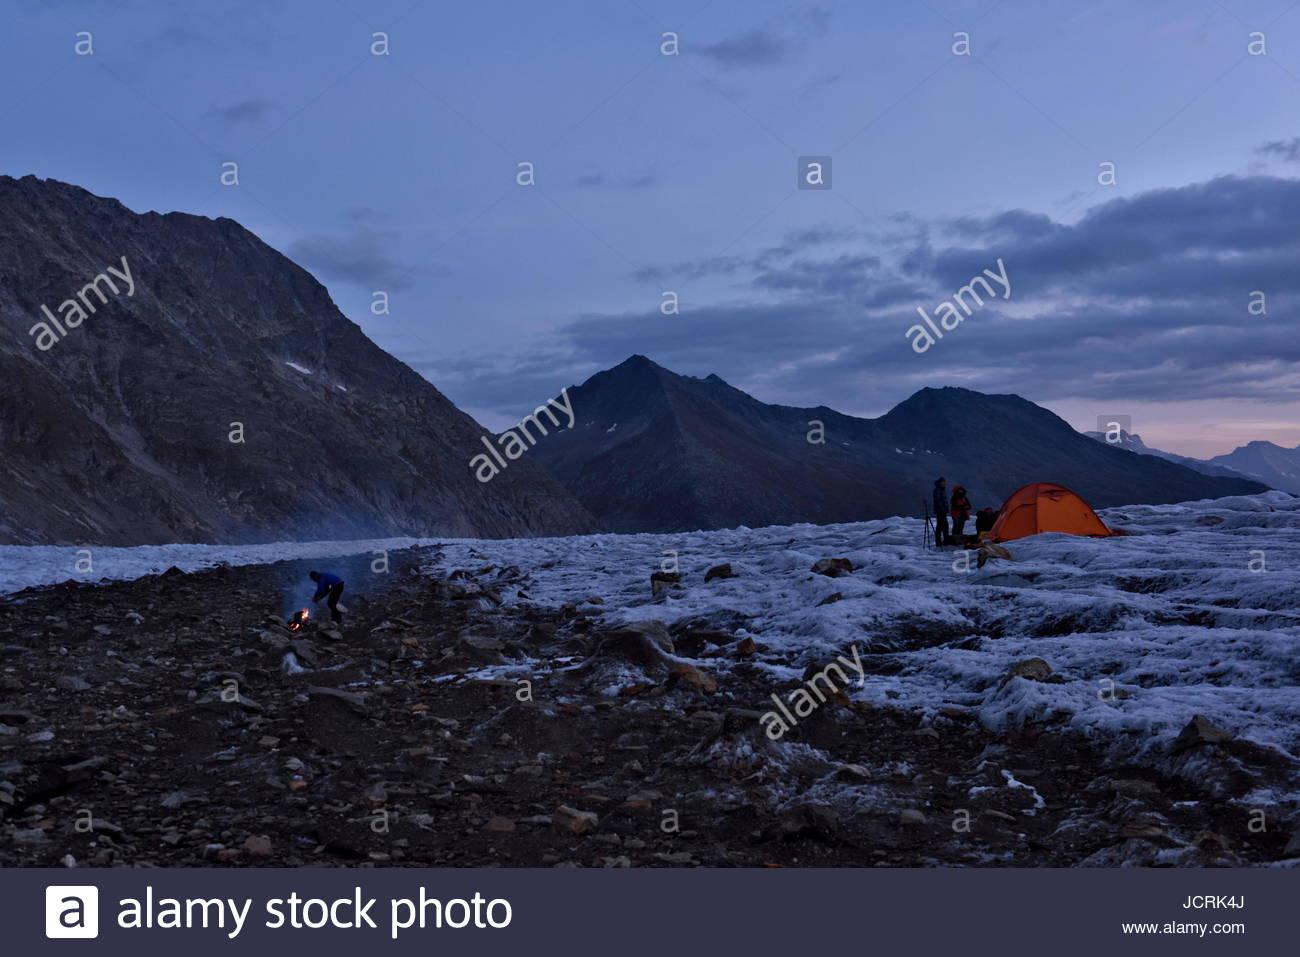 Il team italiano di grotta esploratori sistemarvi in serata presso il loro campo base sul Aletschgletscher. Crepuscolo Immagini Stock